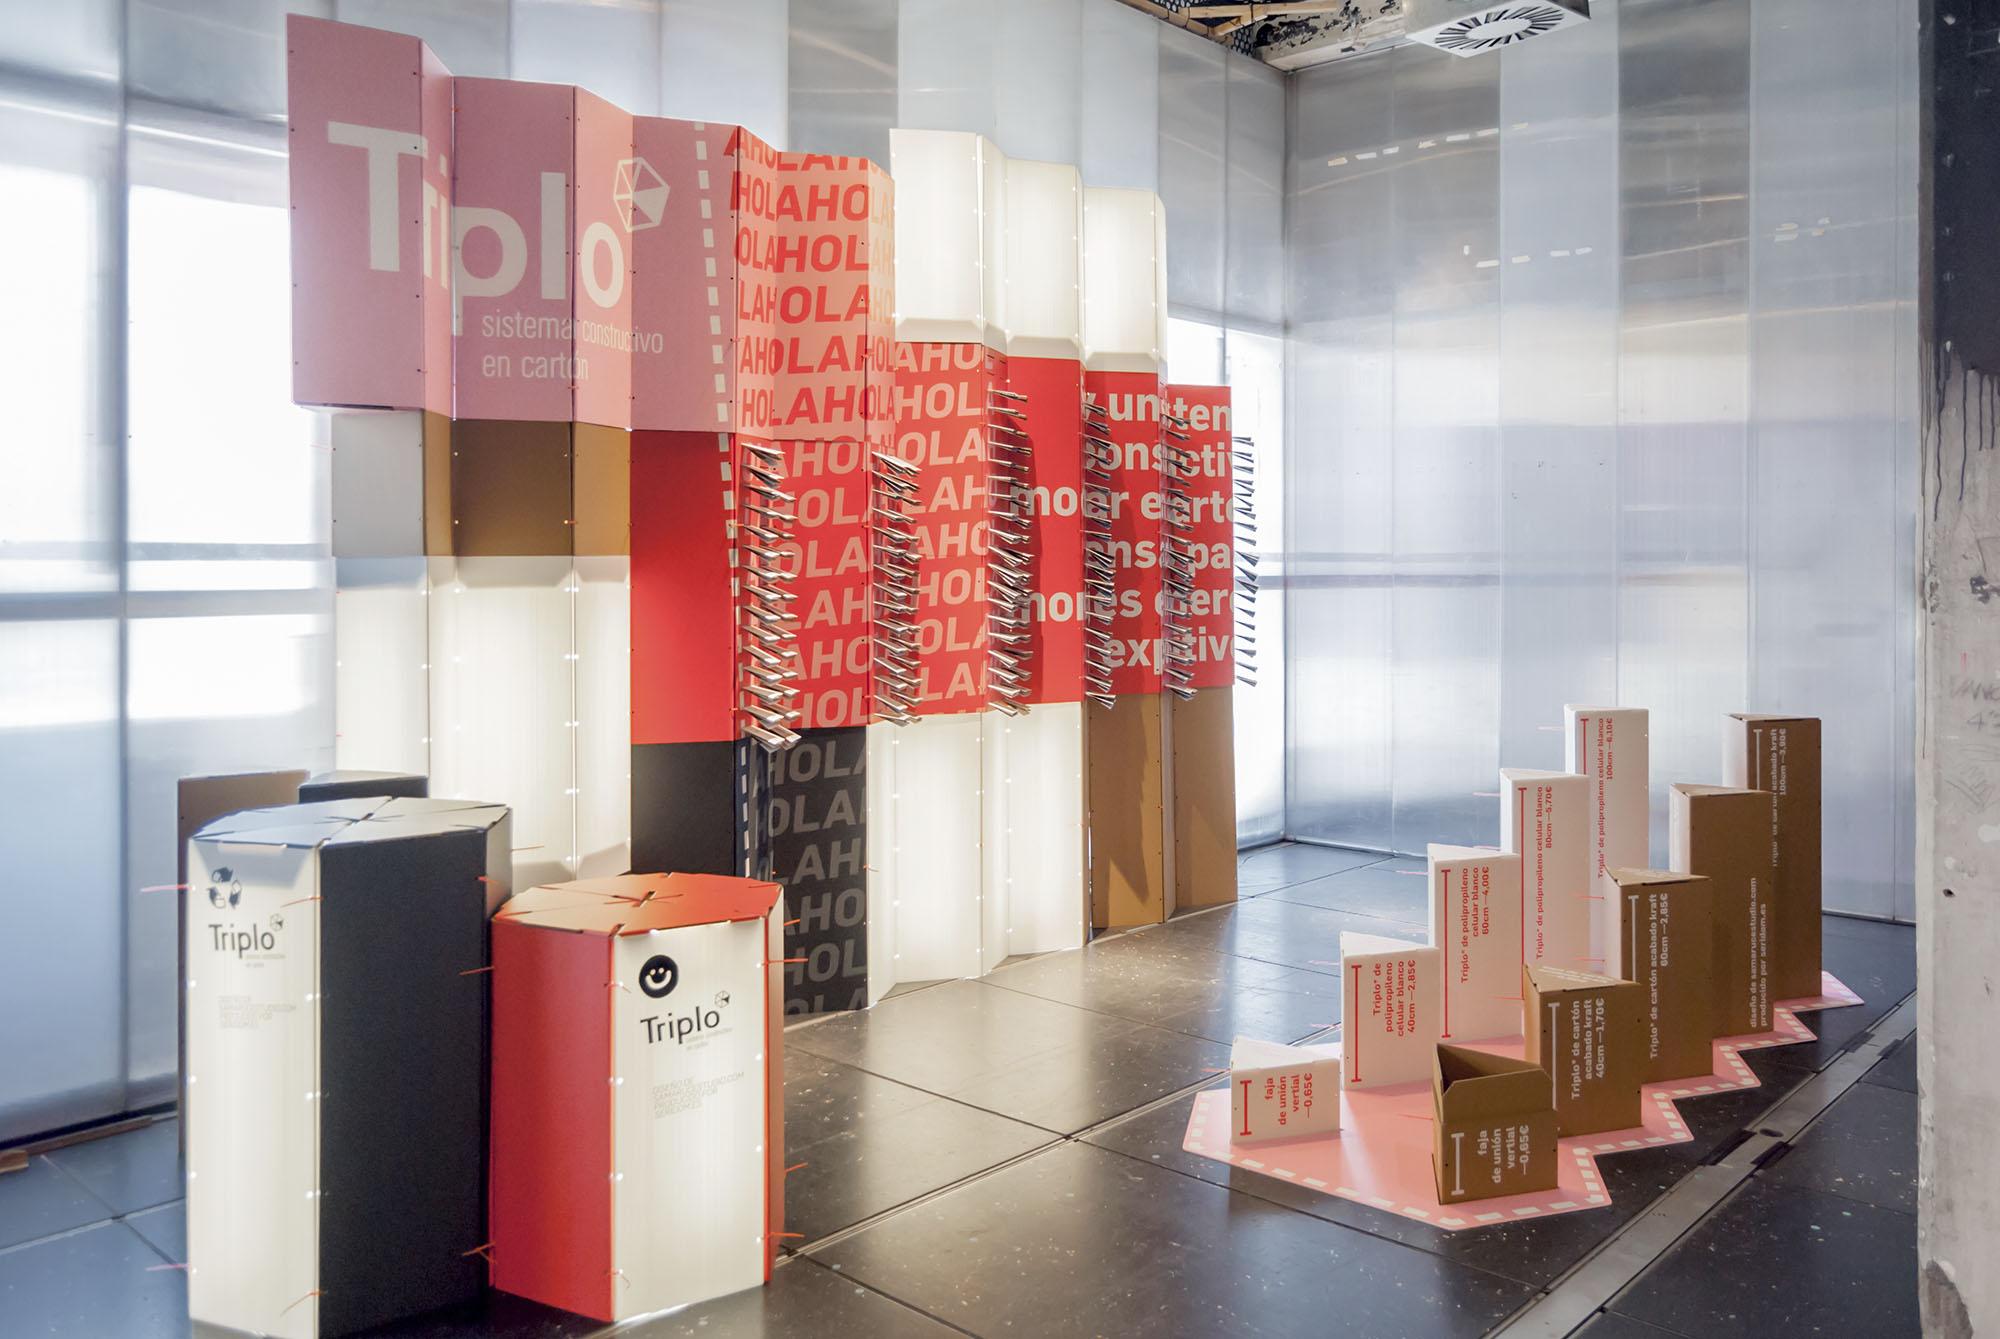 Proyecto de participación con sistema Triplo* en la exposición Love Cartón de Matadero Madrid DIMAD 2018